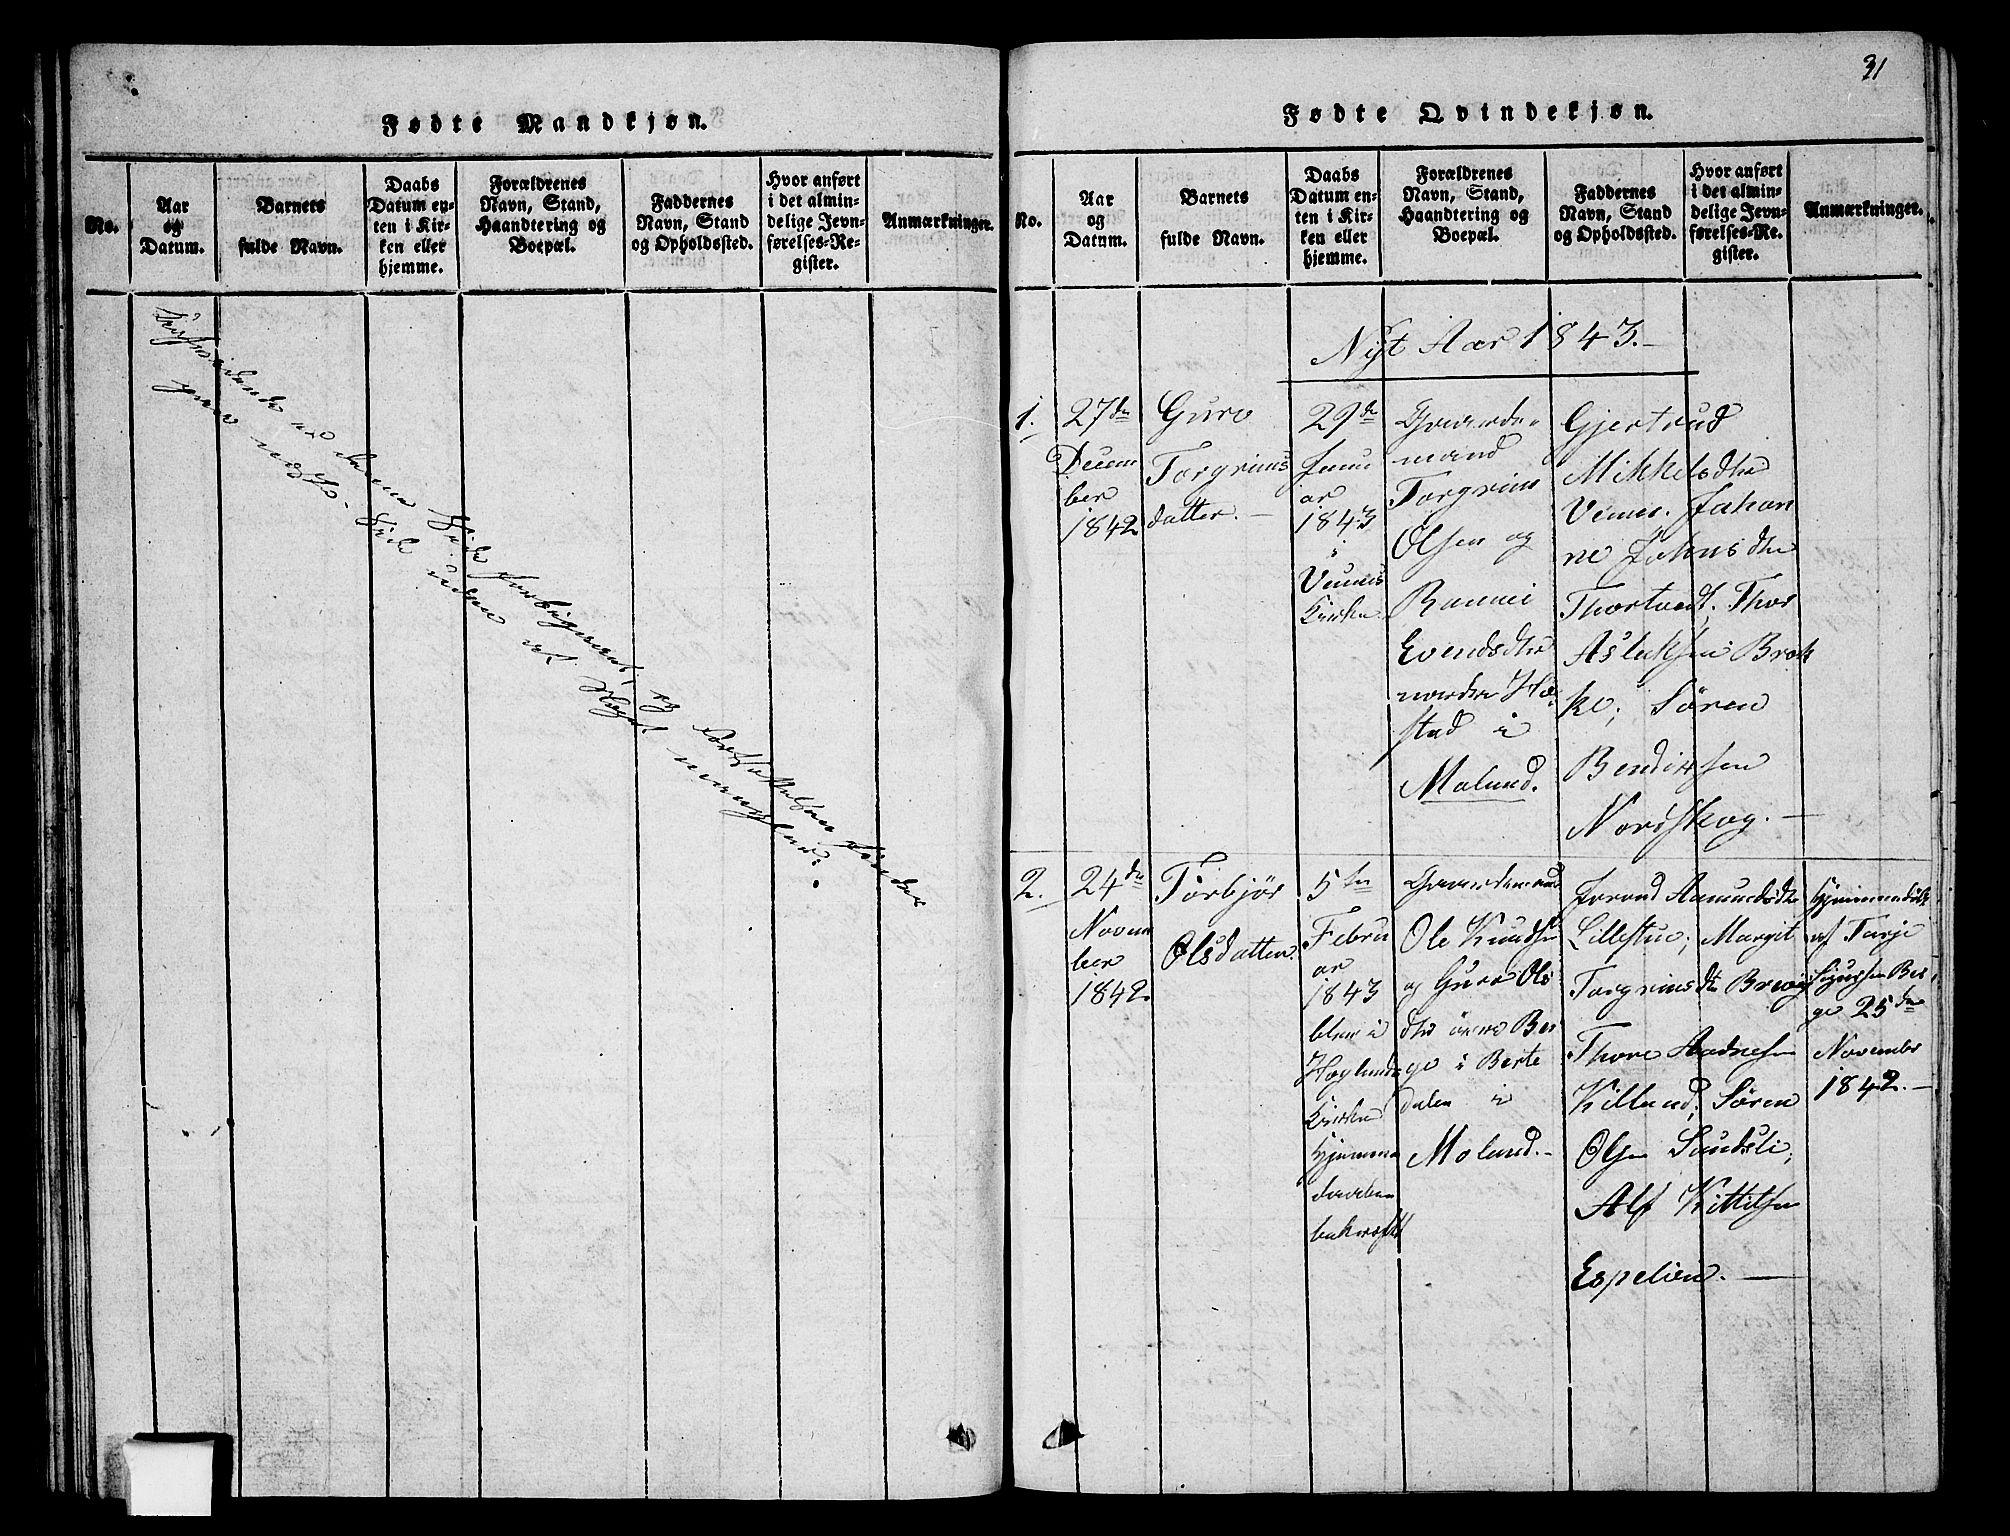 SAKO, Fyresdal kirkebøker, G/Ga/L0002: Klokkerbok nr. I 2, 1815-1857, s. 31